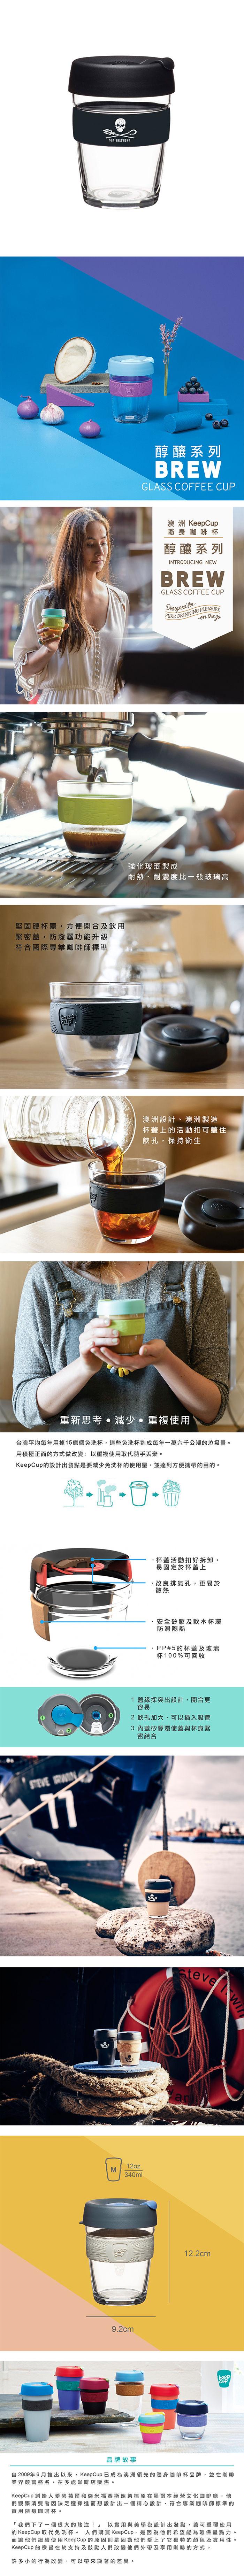 (複製)澳洲 KeepCup | 隨身咖啡杯 晶透系列 L - 法式裸色